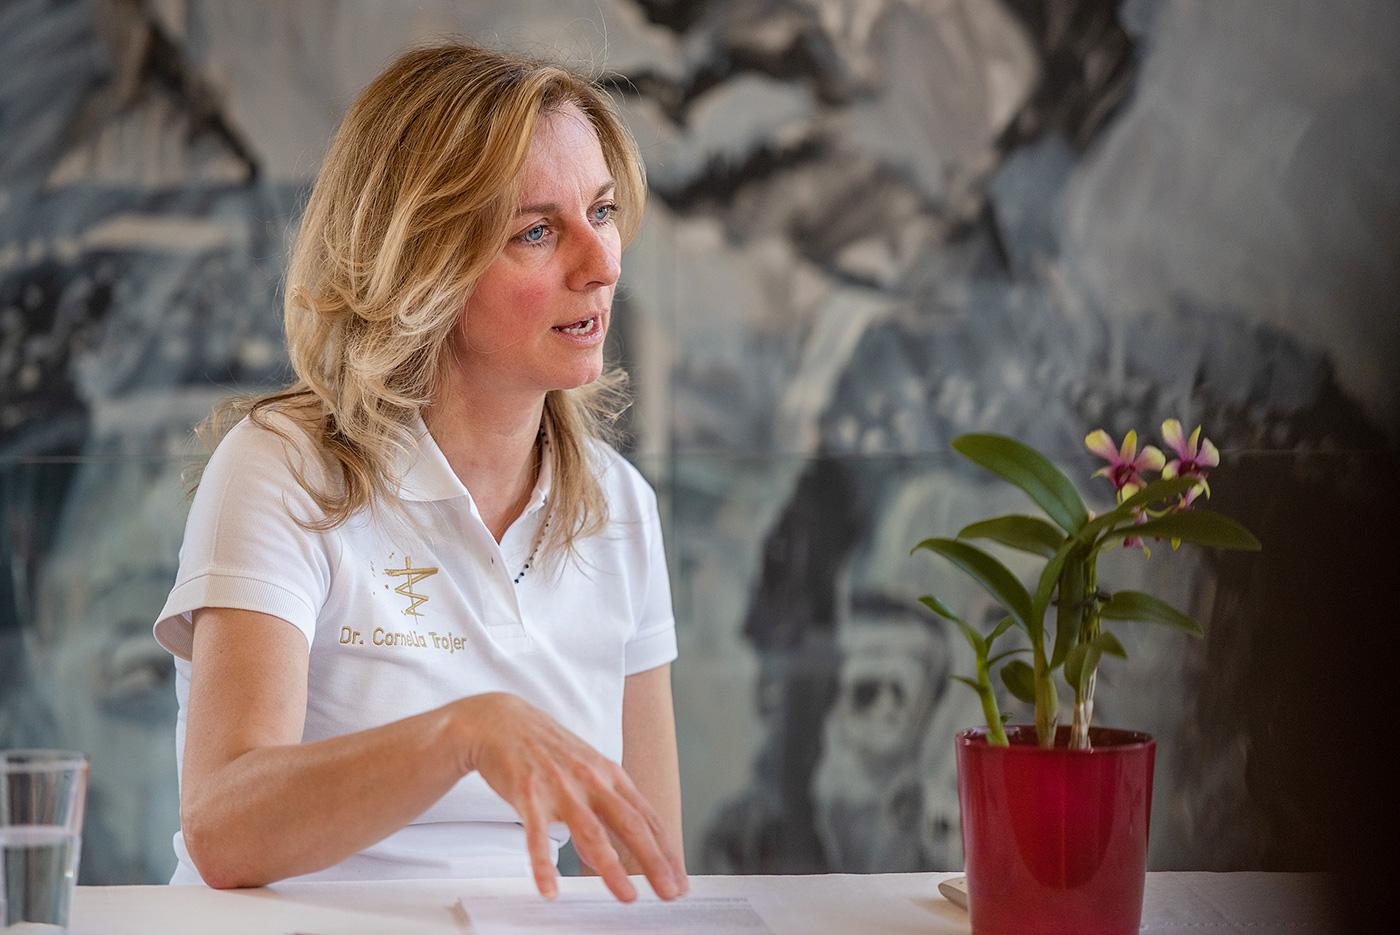 Matrei in osttirol single app, Partnervermittlung kostenlos wienerwald